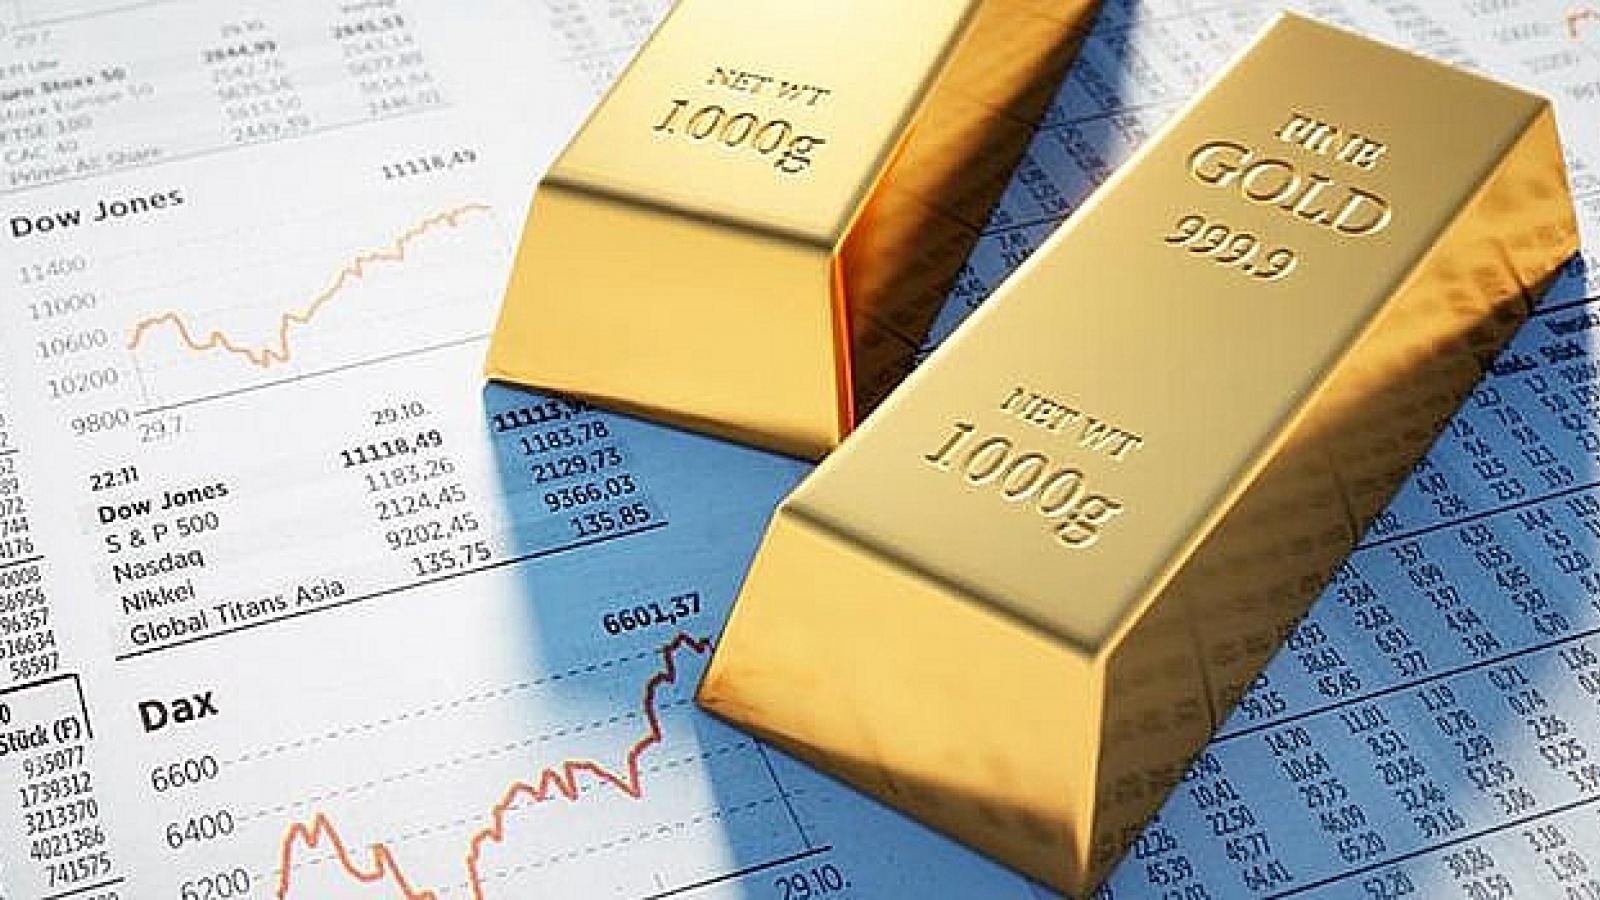 Giá vàng thế giới tăng nhẹ, chờ đợi thông tin từ cuộc họp của Fed